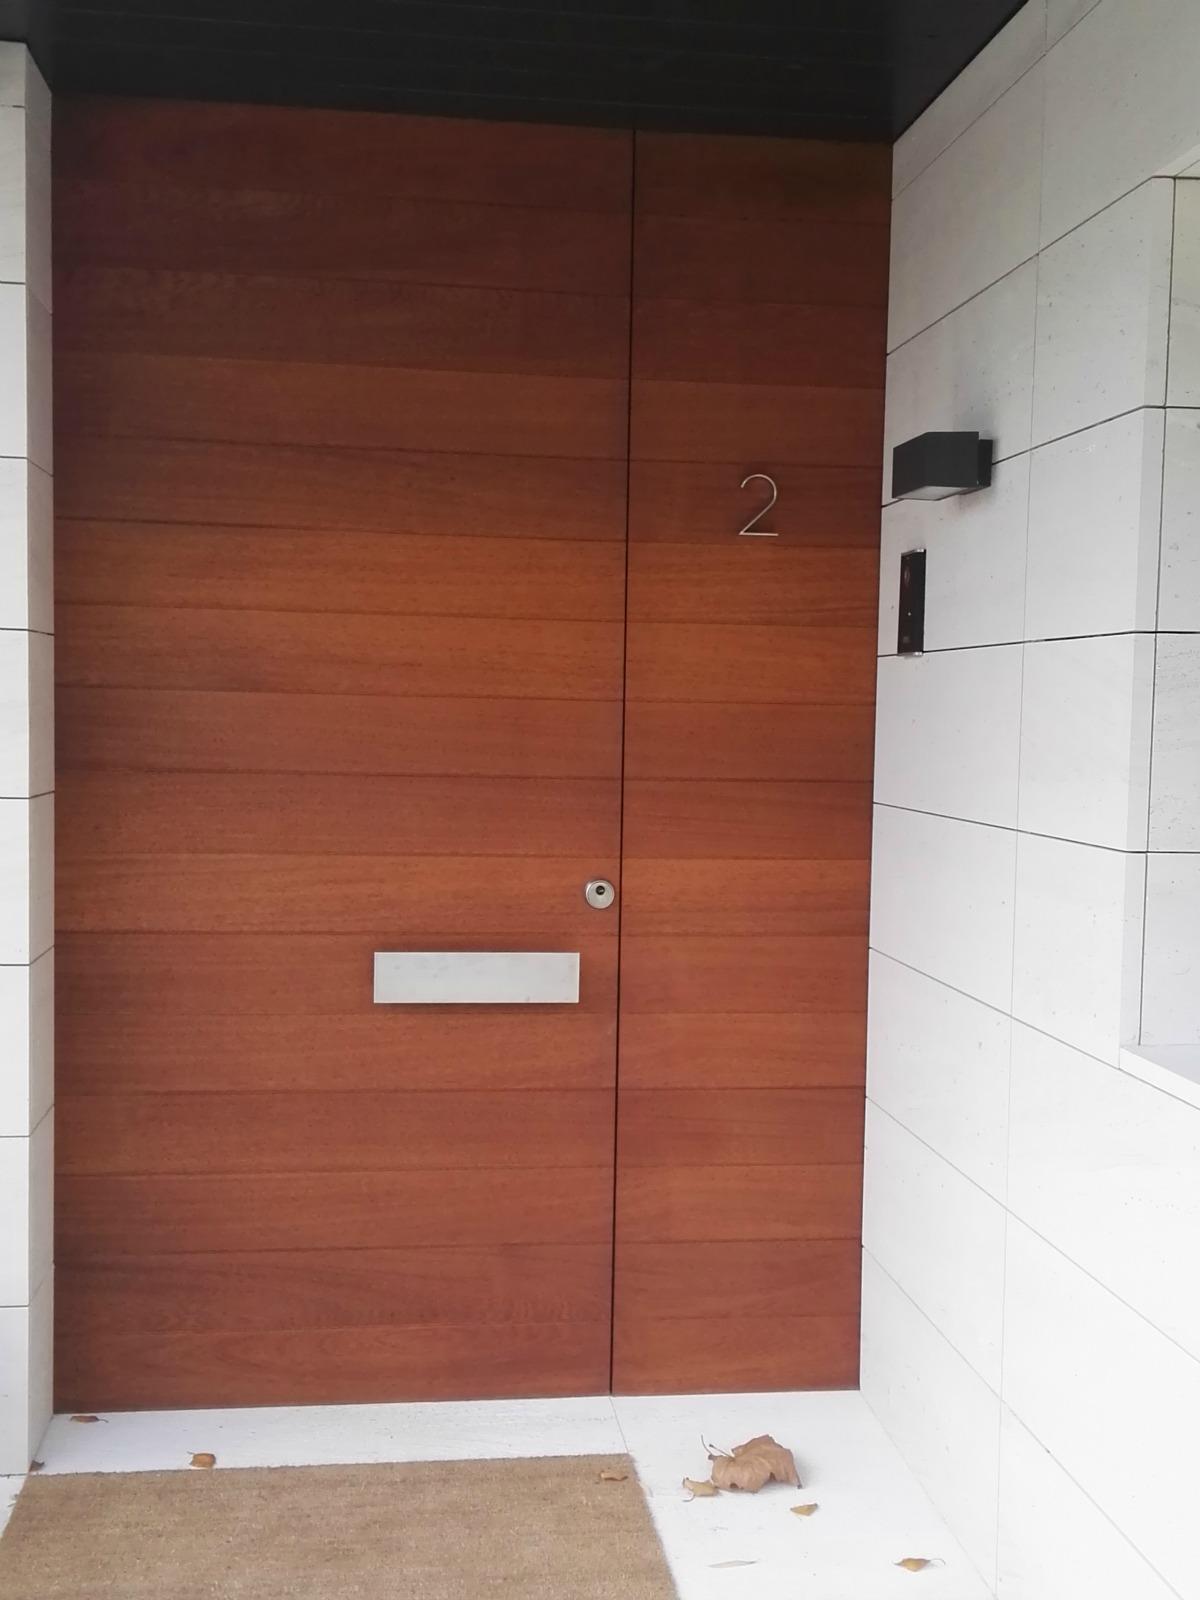 Puerta de entrada en madera puertas coru a vetta grupo for Precios de puertas de madera entrada principal